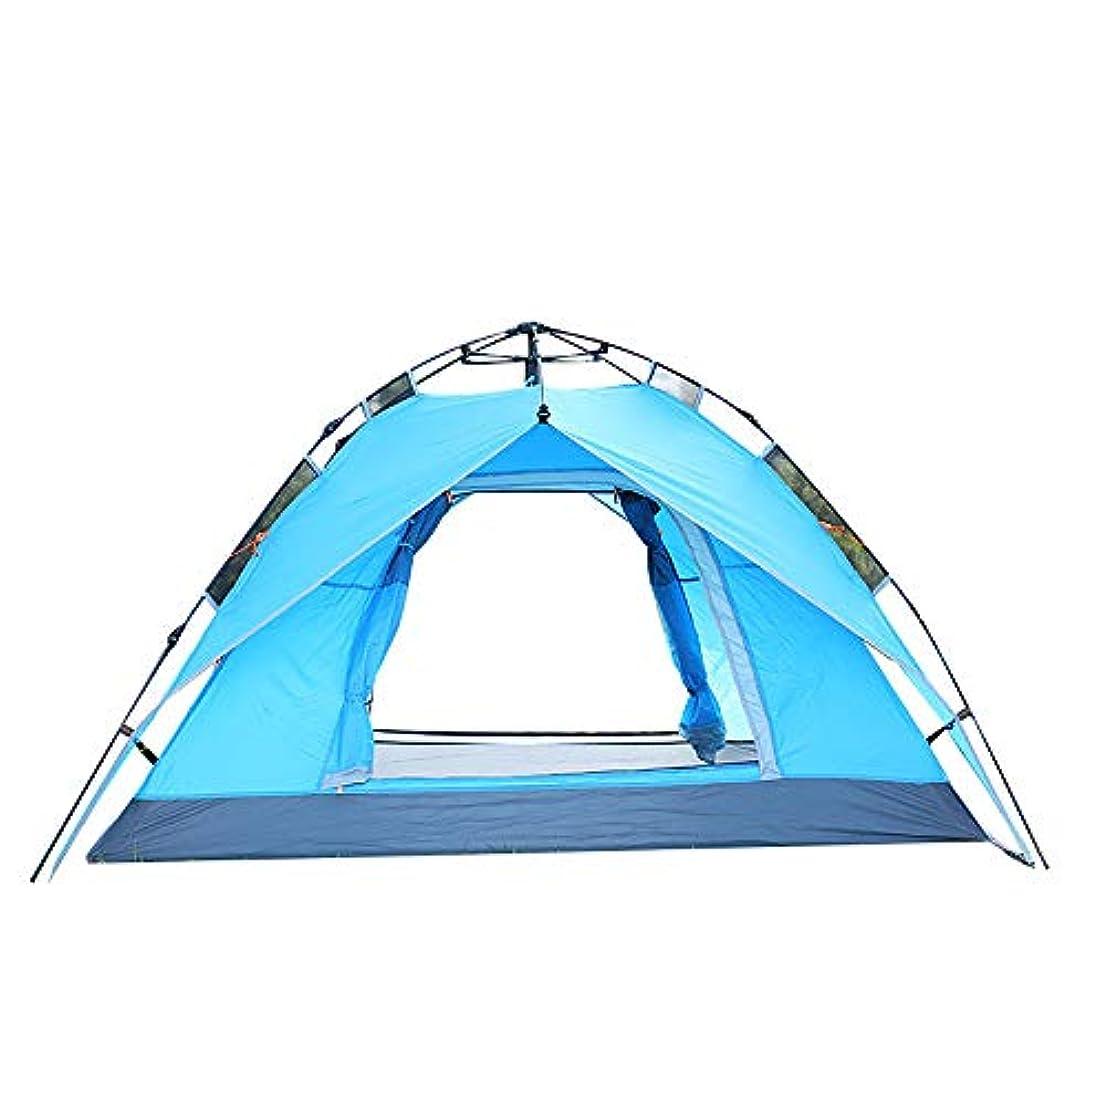 自伝安価な勉強する屋外ポータブル防水テント、ハイキングキャンプテント、抗紫外線2人超軽量折りたたみテント、自動オープンテント